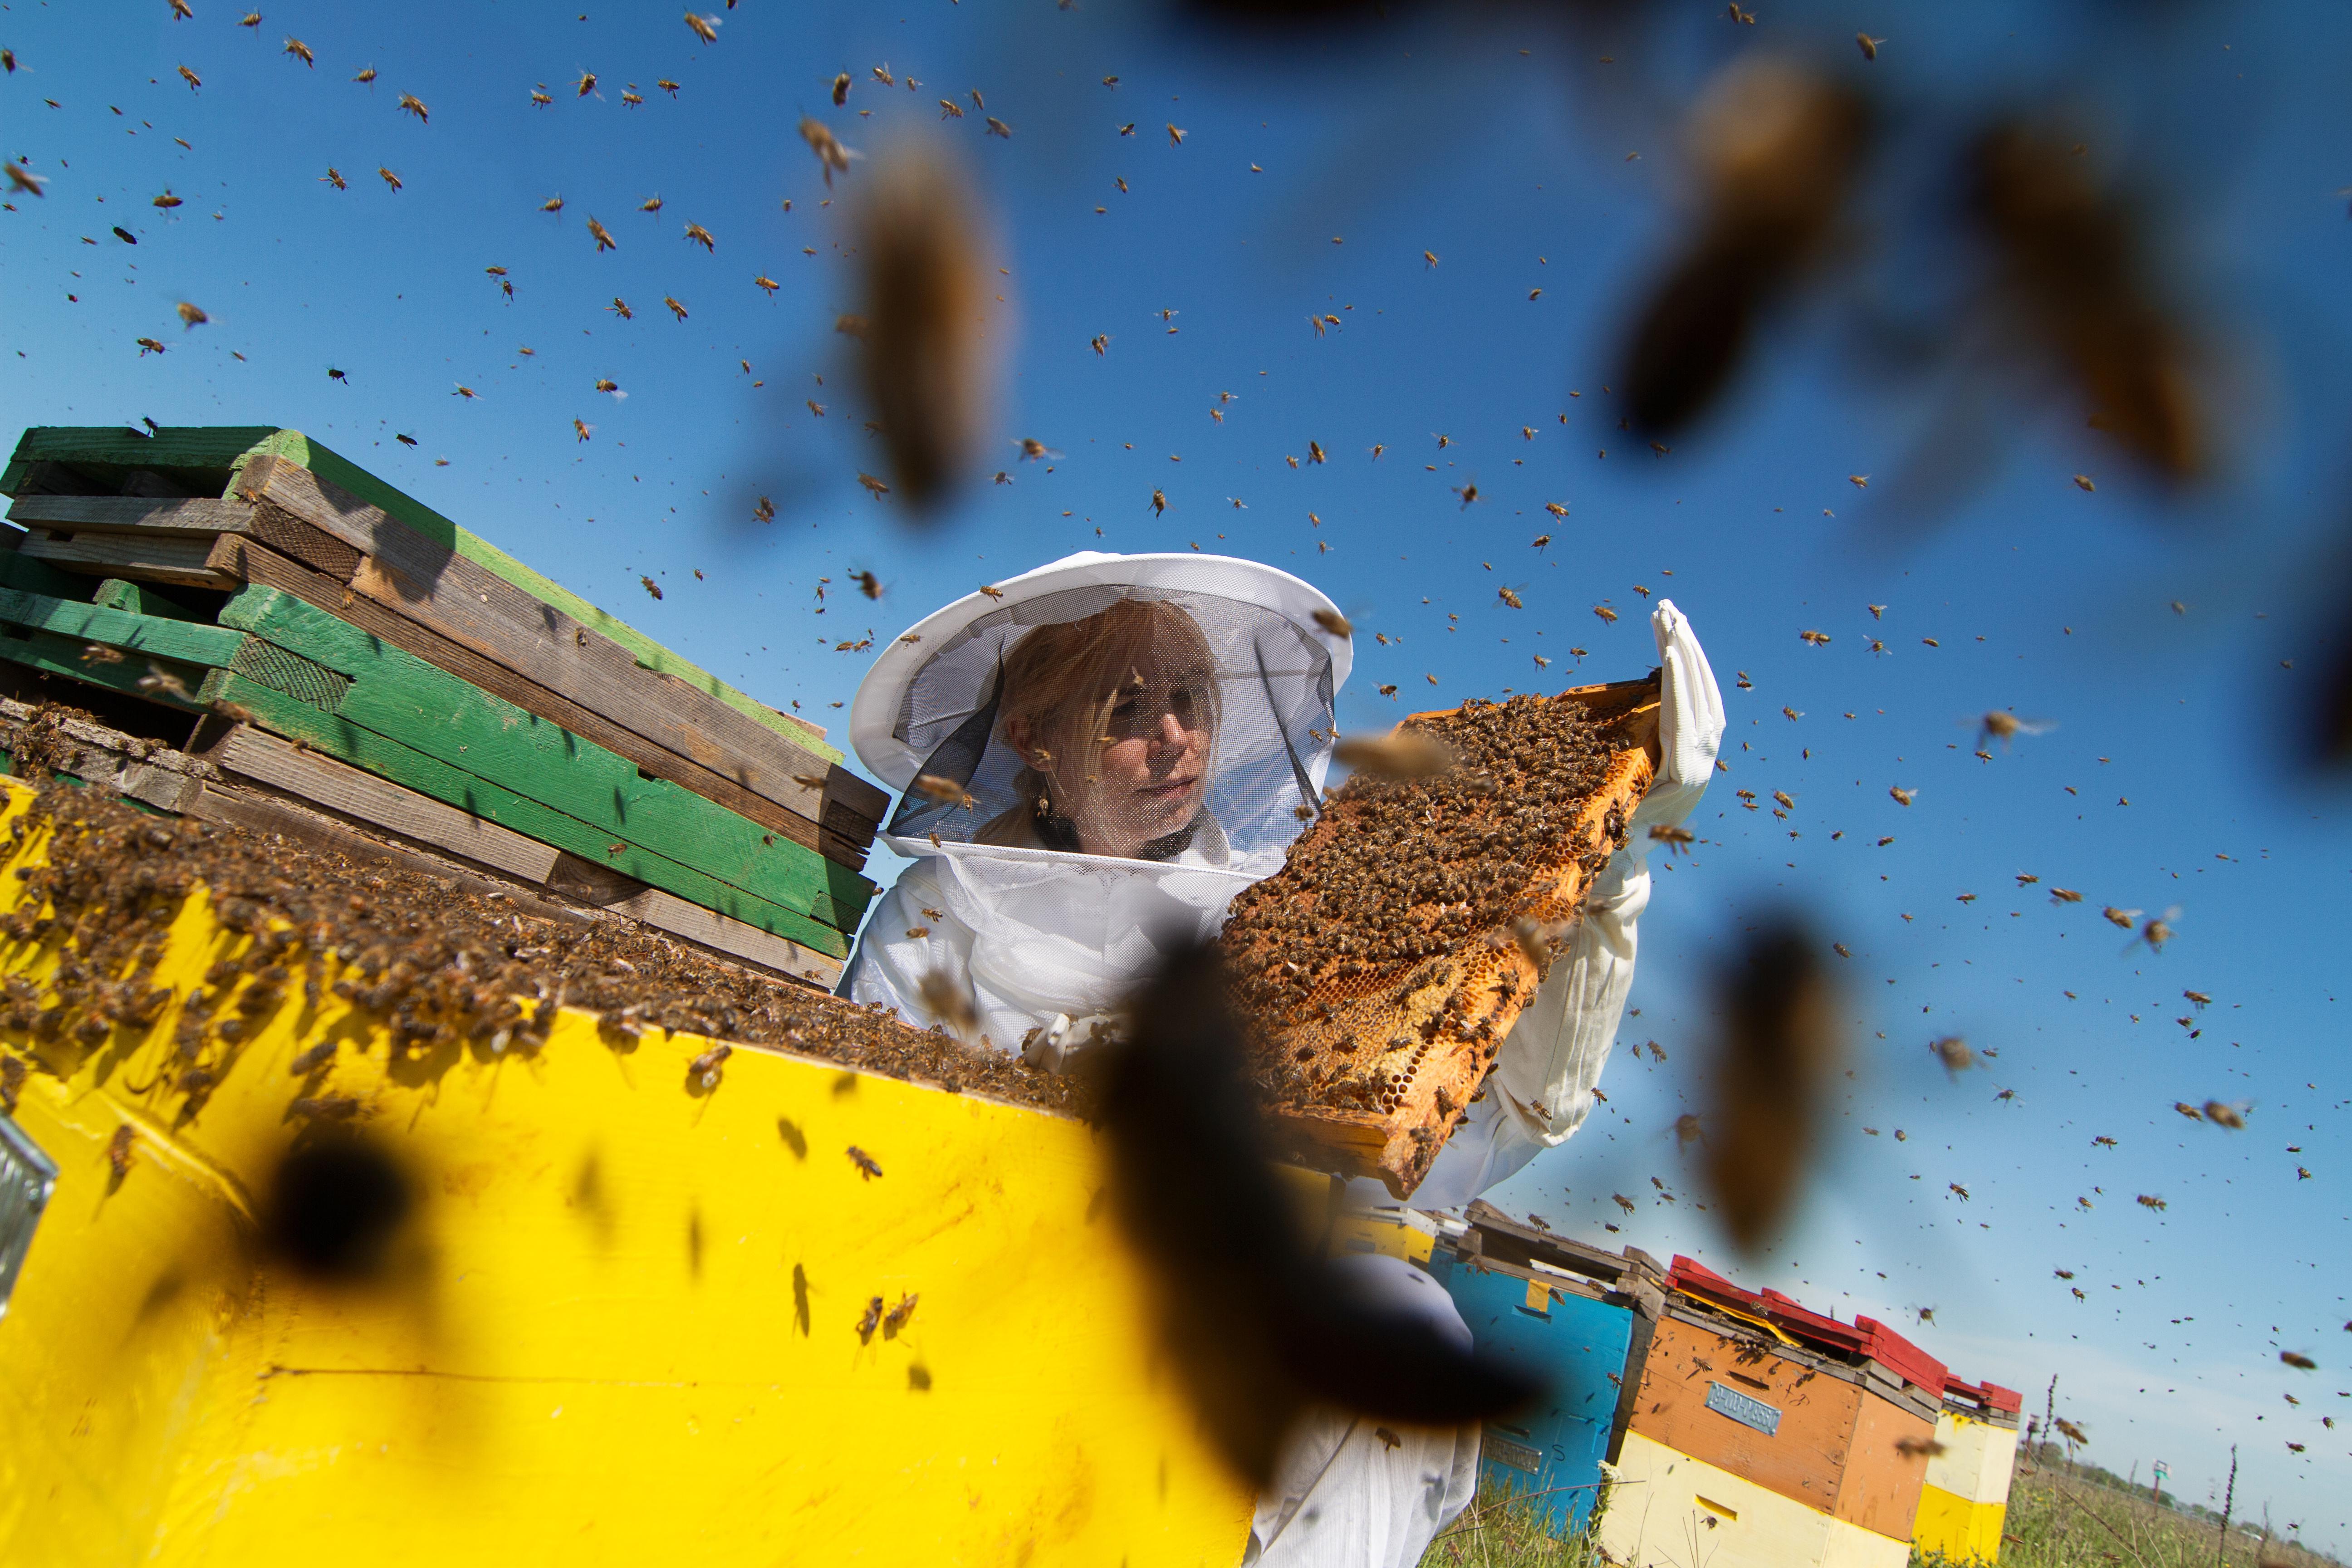 Gestreckt, billig, industriell: Chinesischer Honig vs. heimische Imker